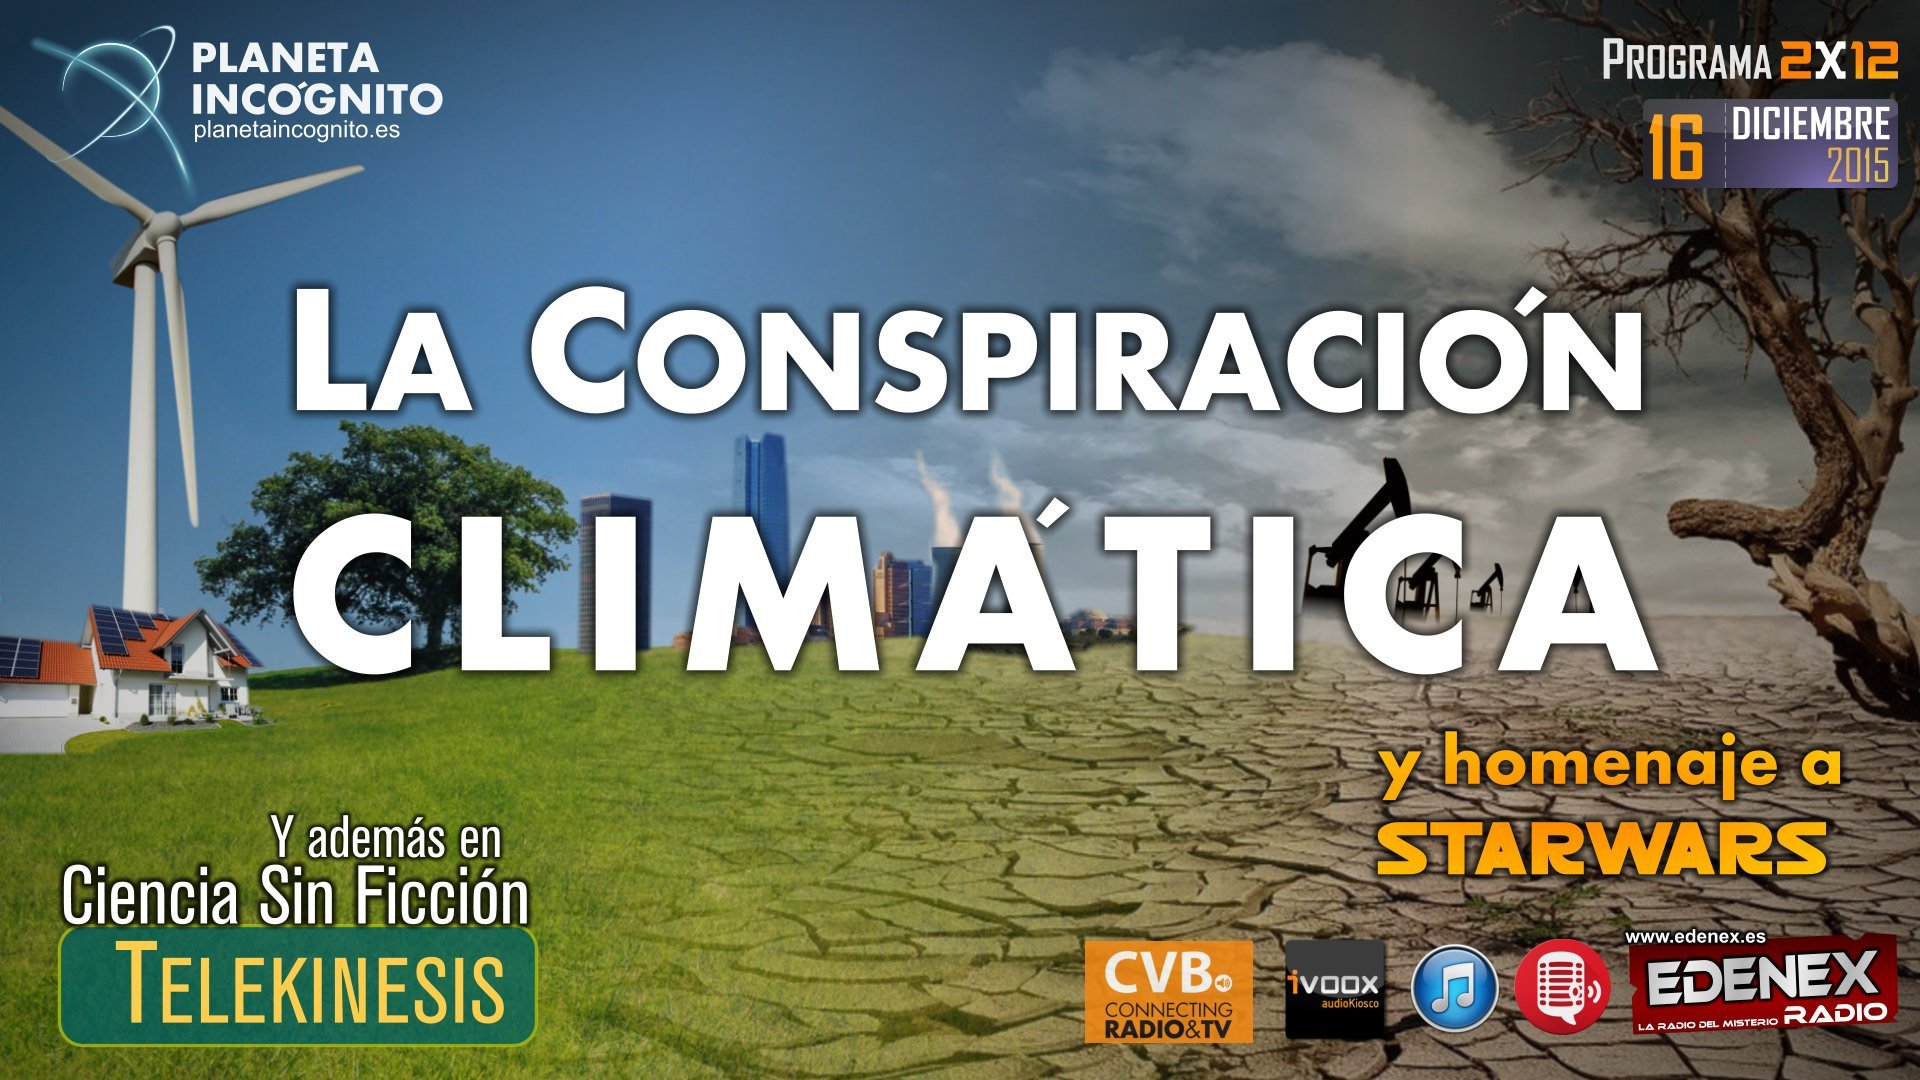 Programa - 2x12 LA CONSPIRACIÓN CLIMÁTICA, Telekinesia y homenaje a Star Wars 3